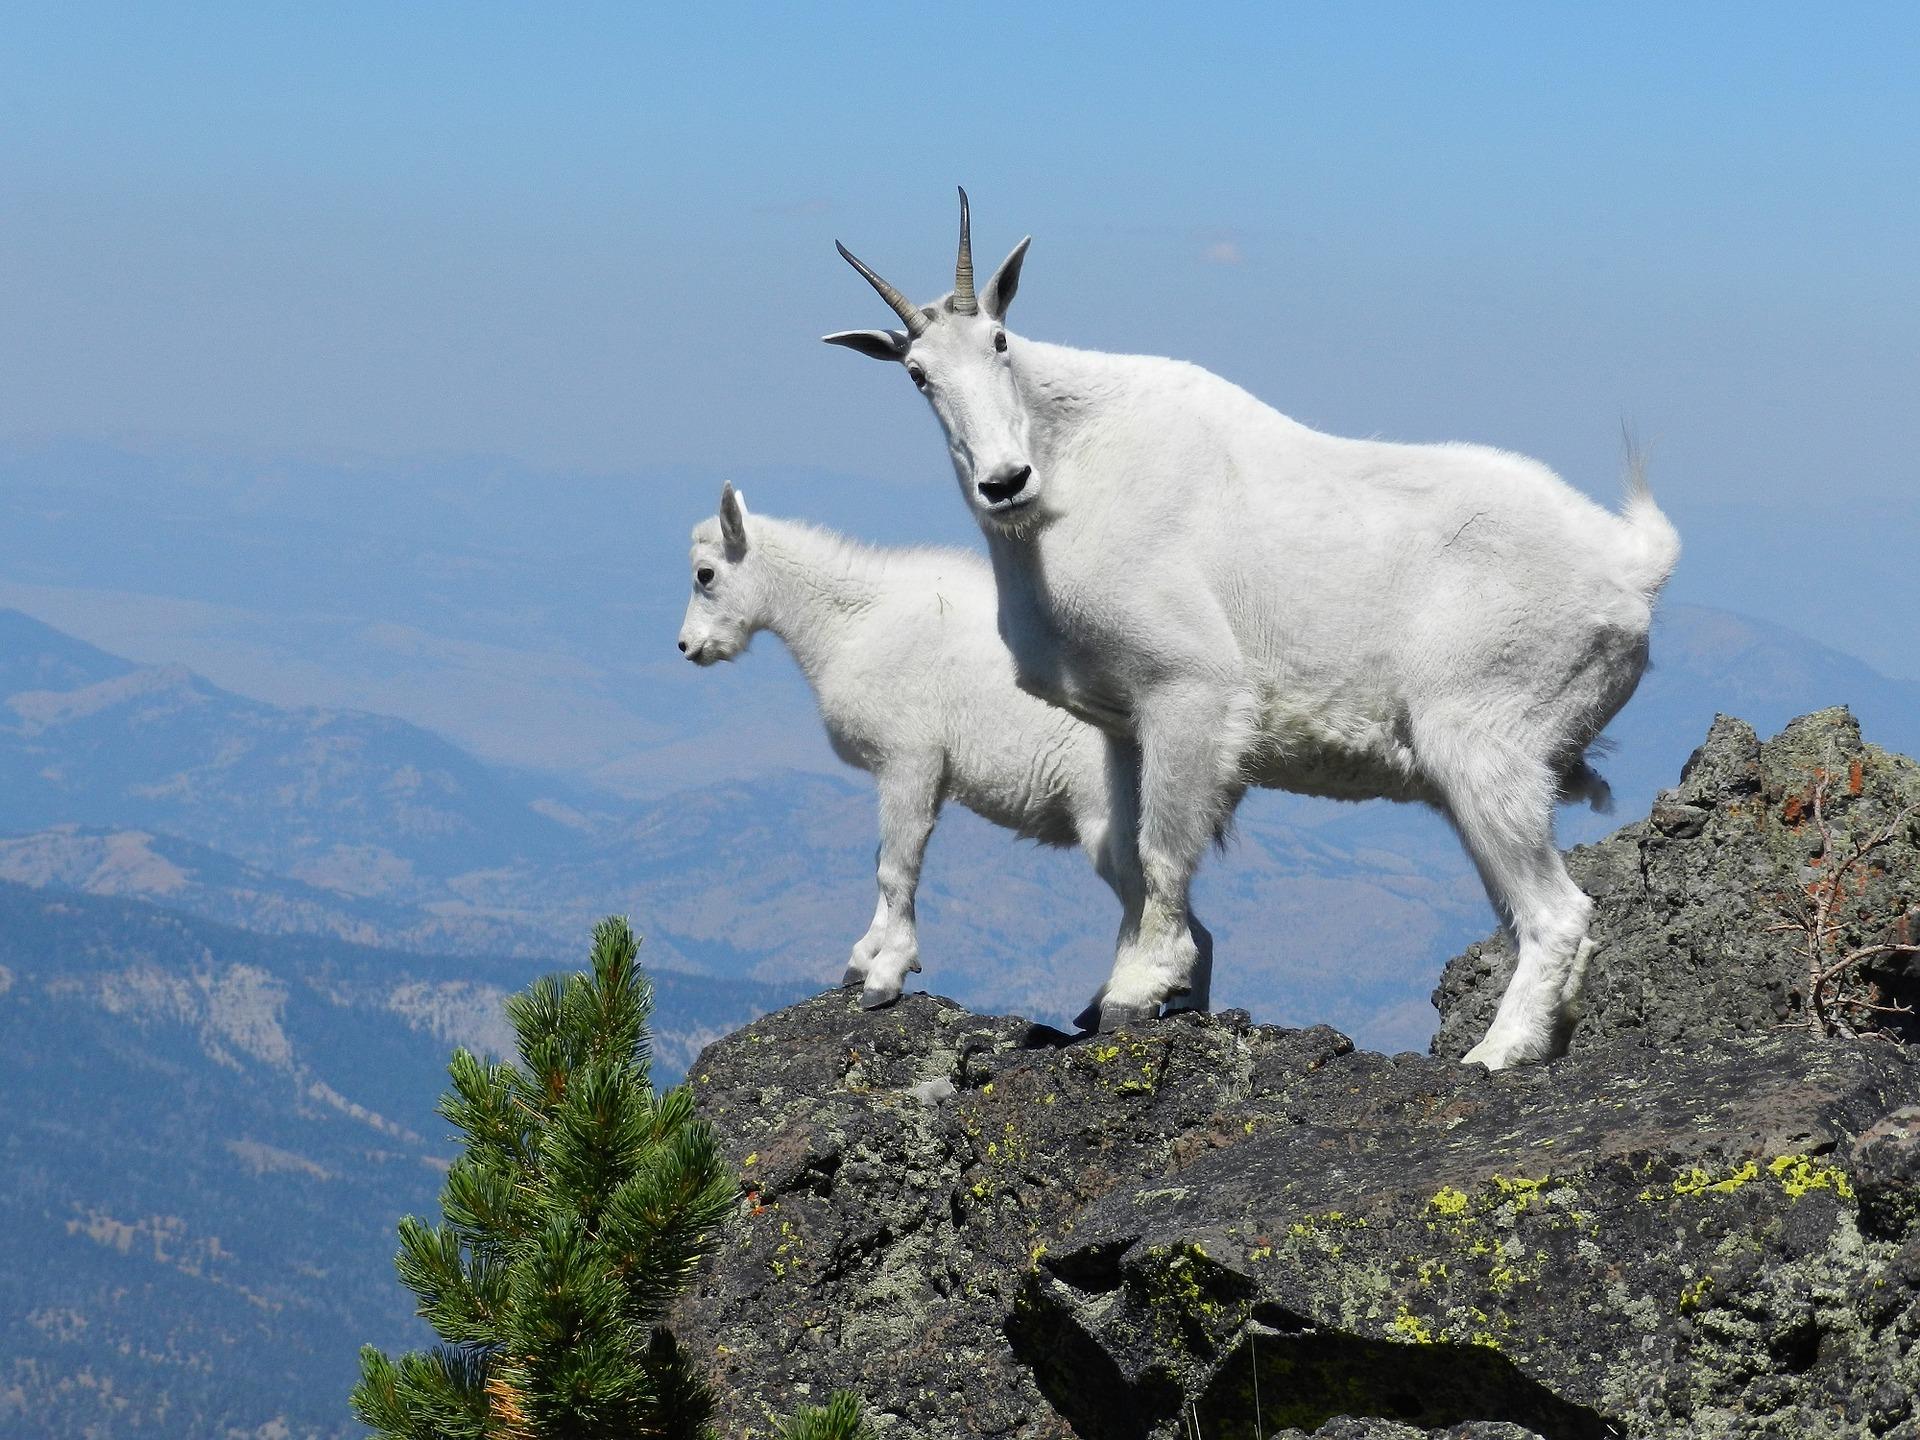 mountain-goats-869176_1920.jpg